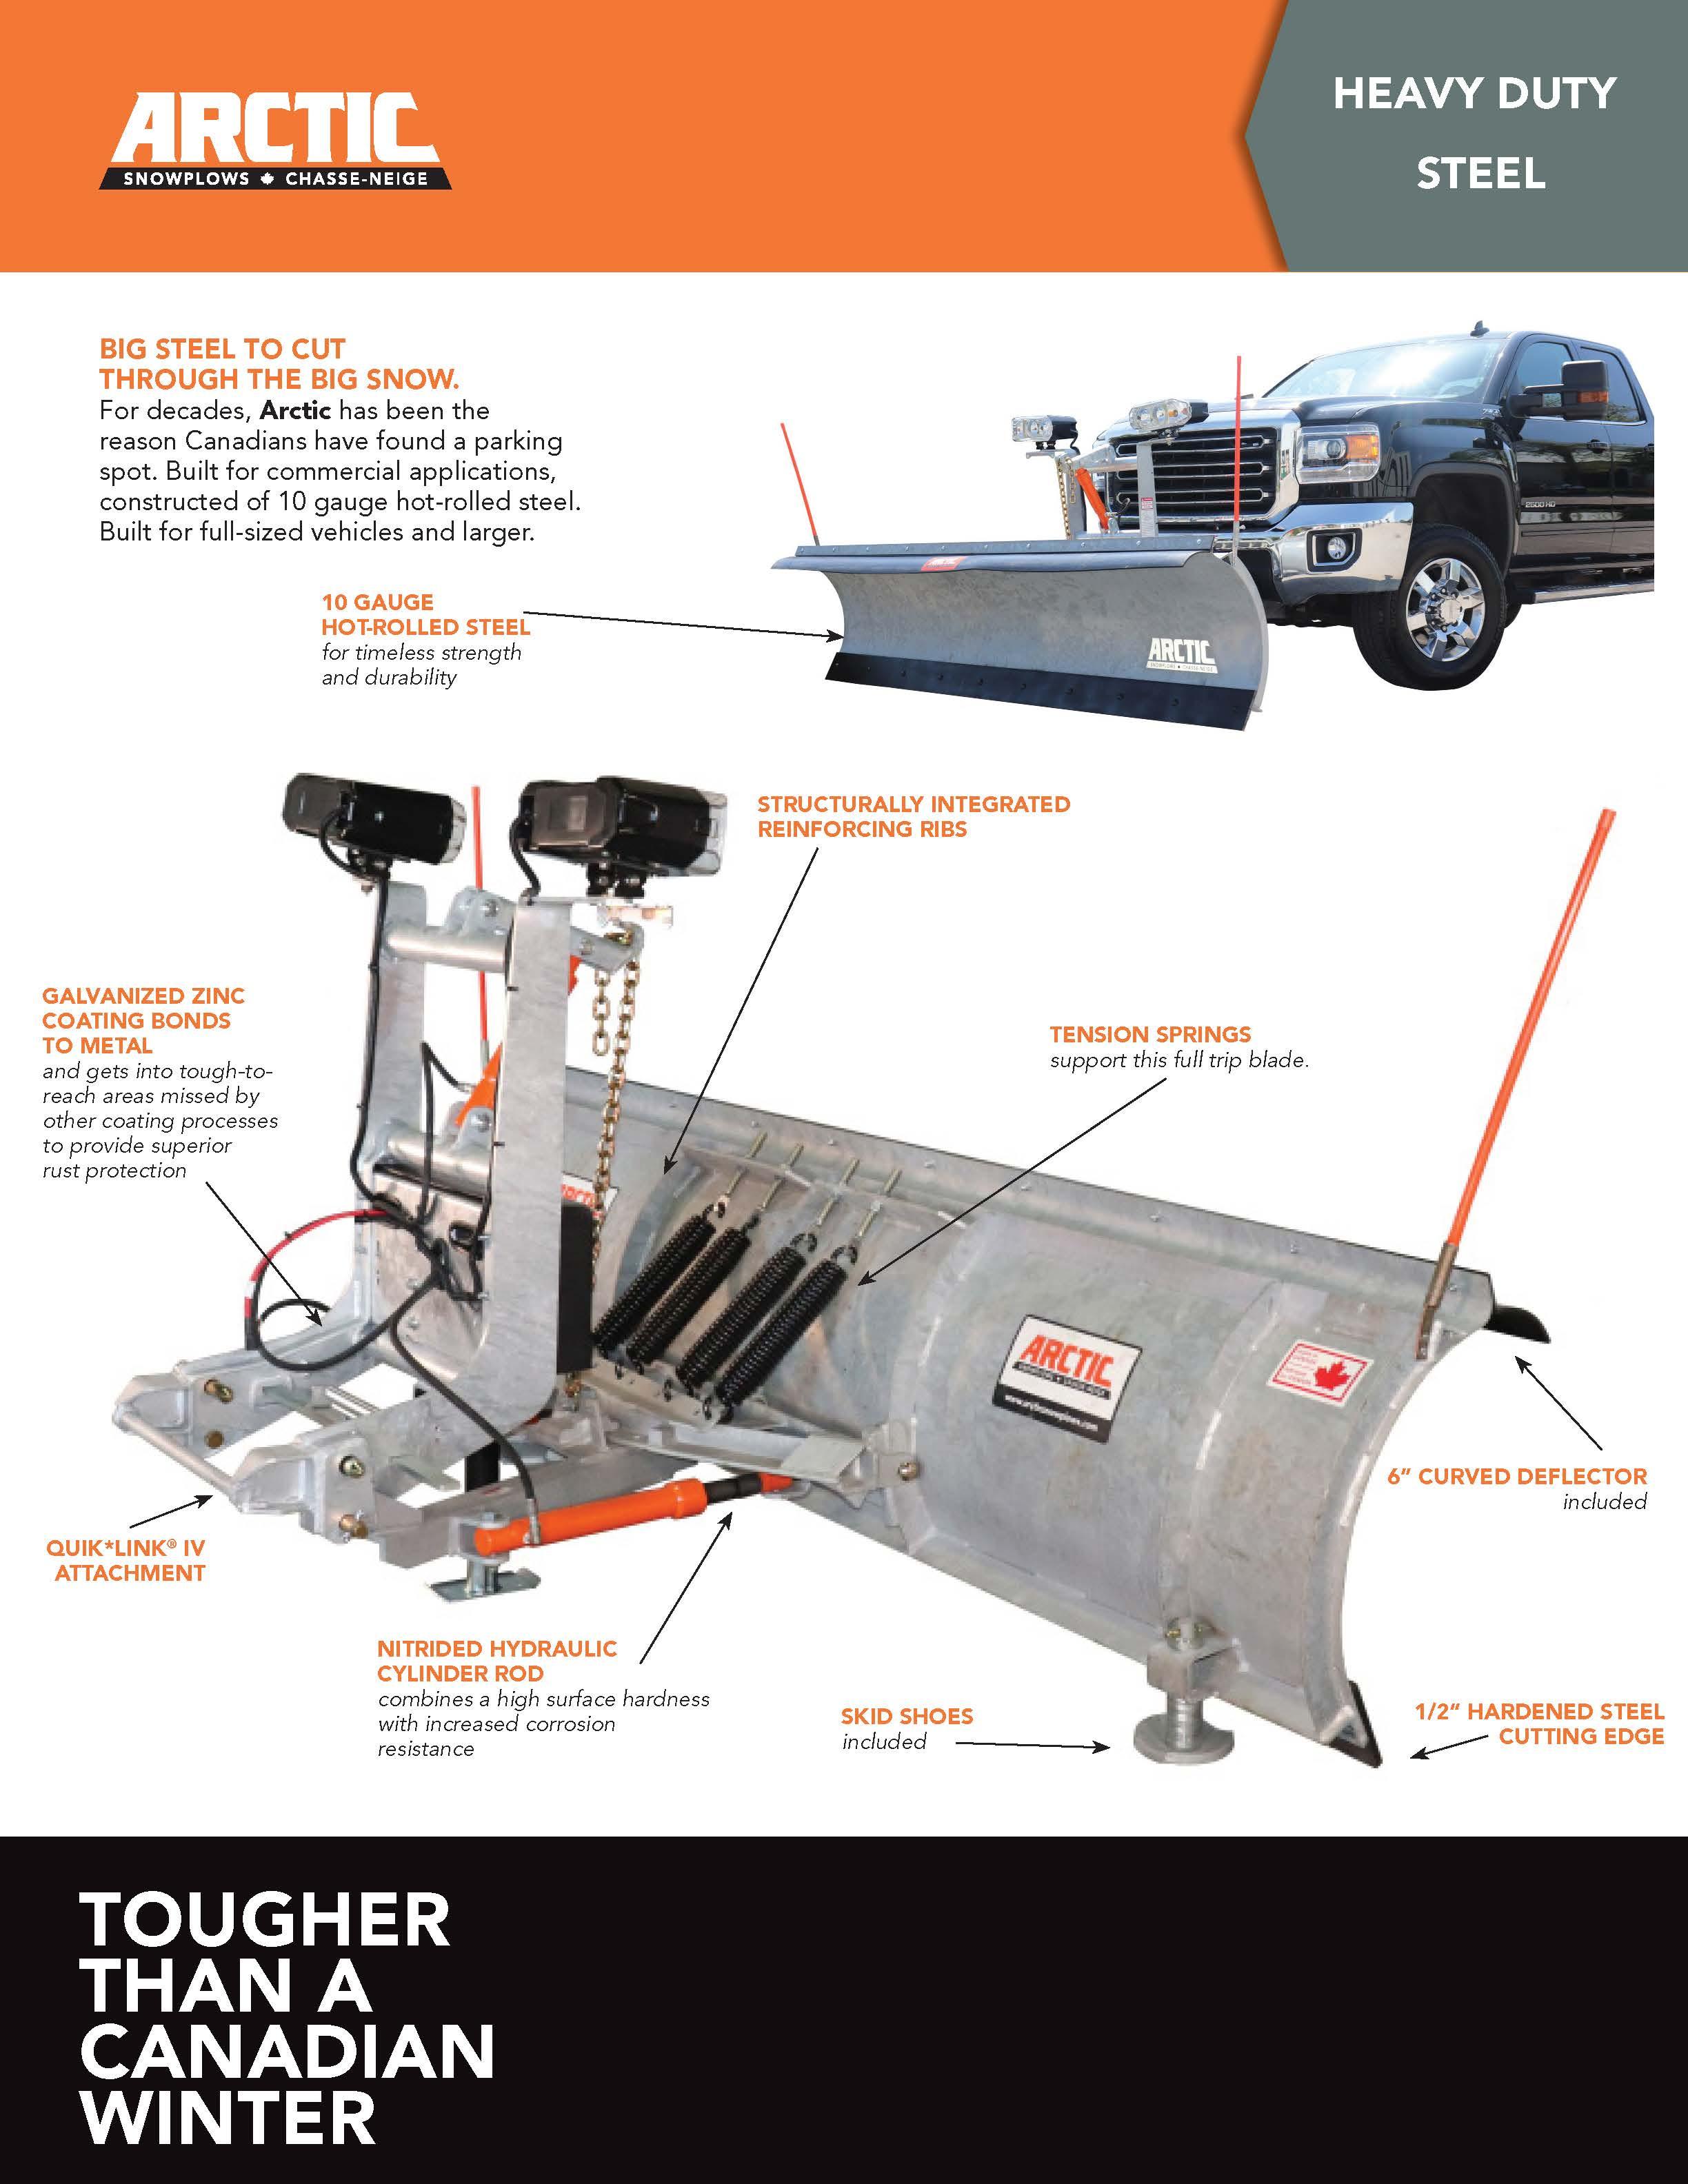 Arctic Heavy Duty Steel Blade Brochure